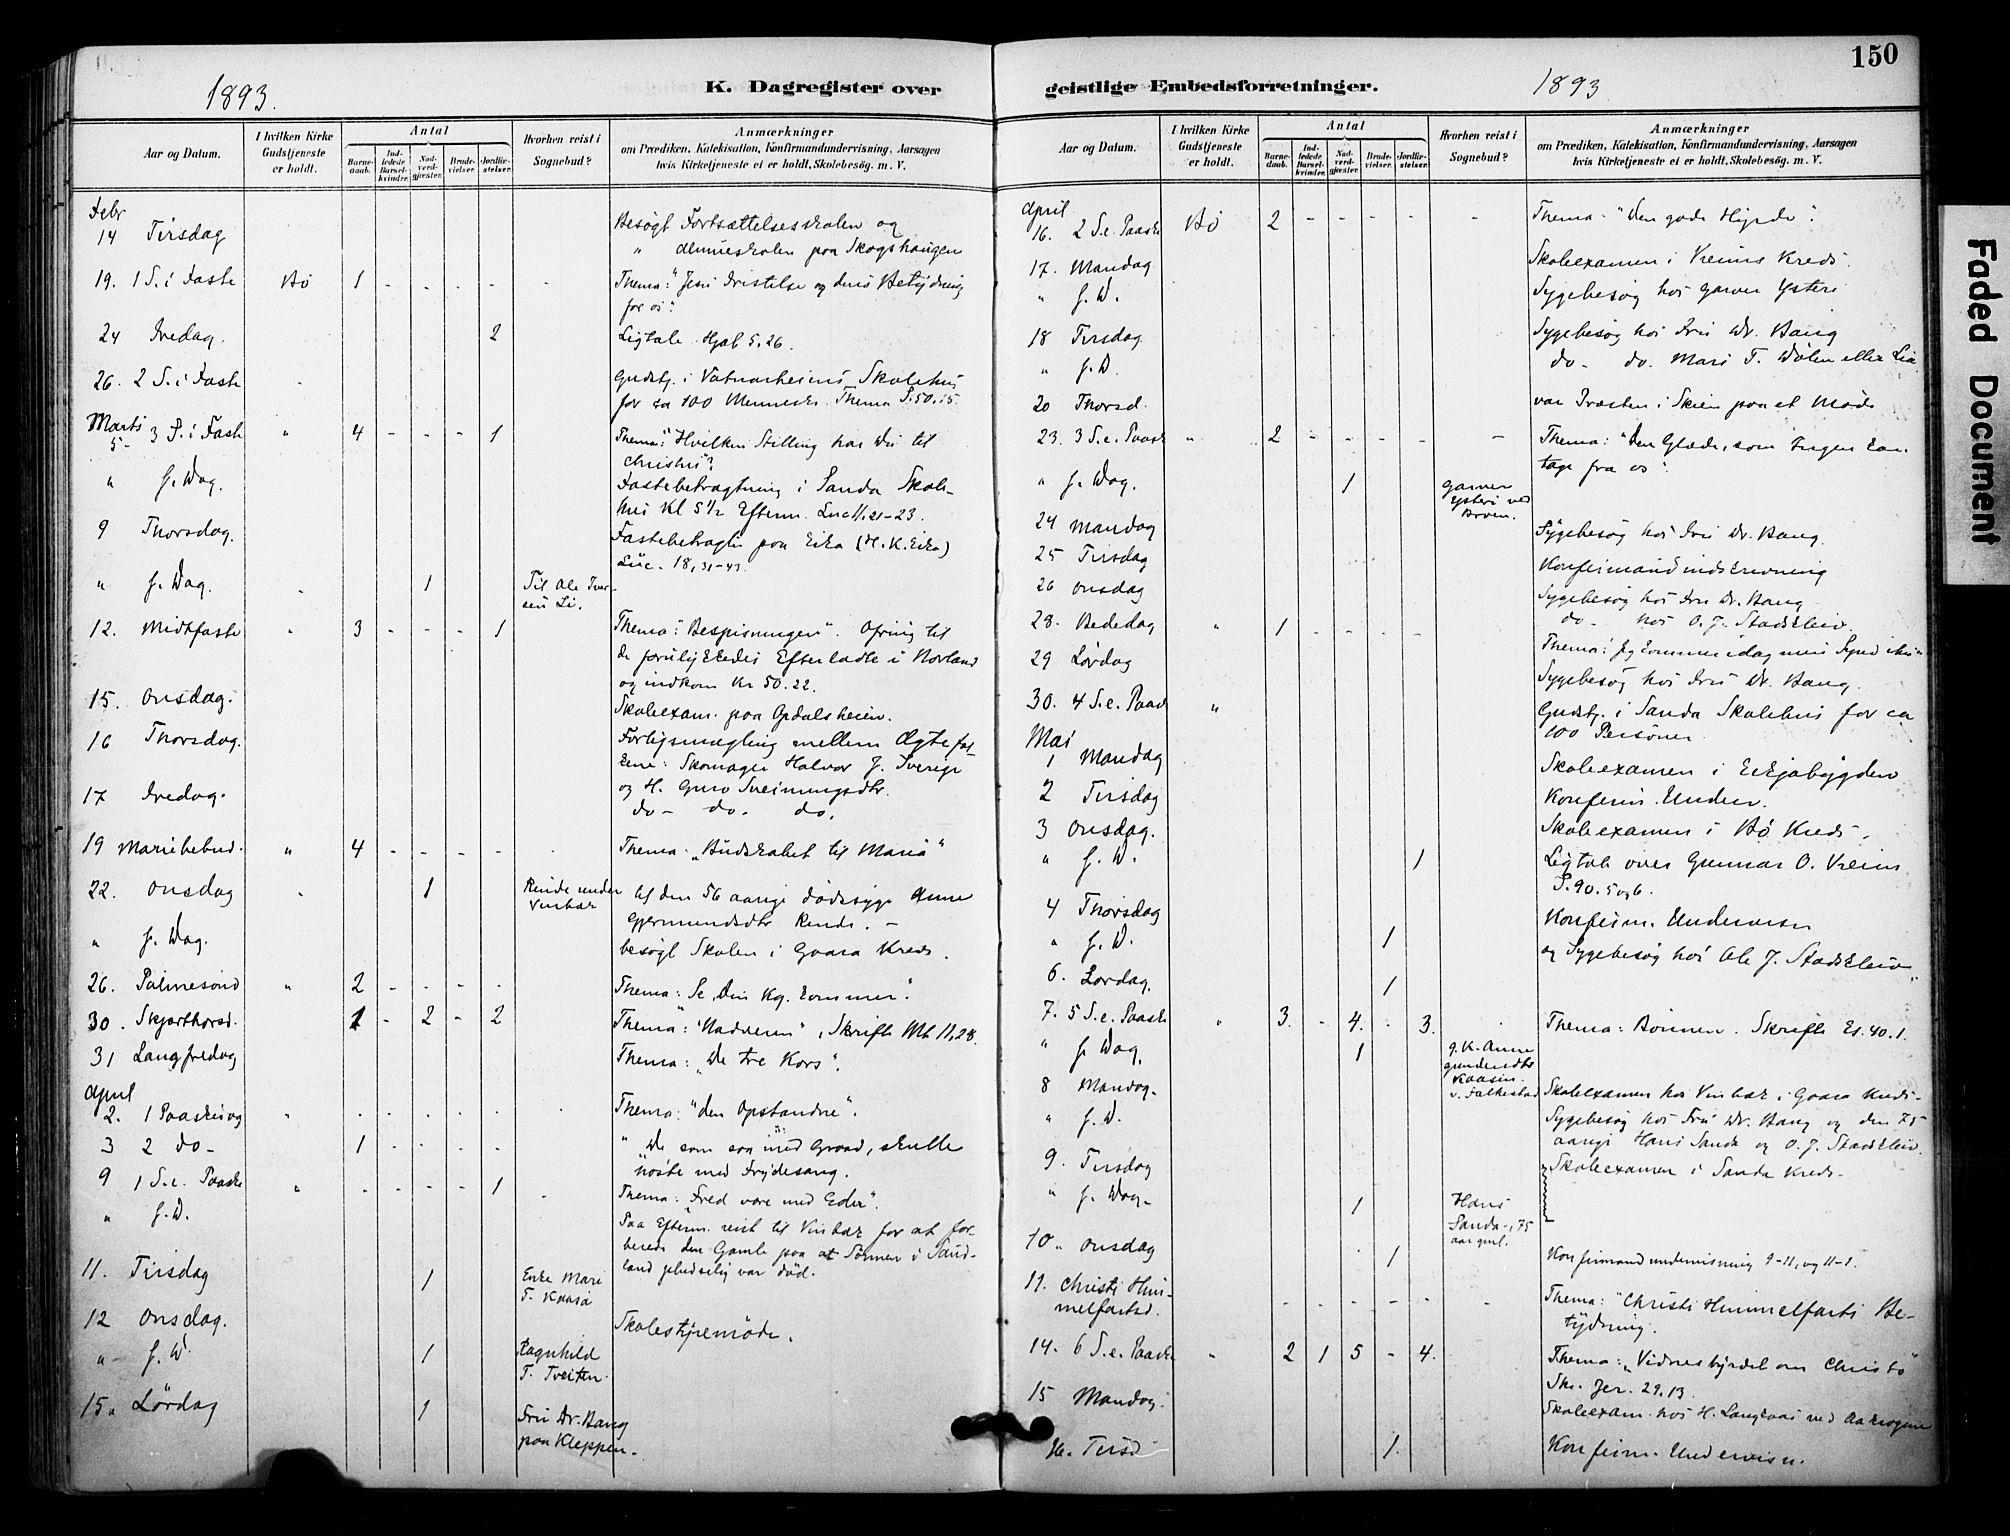 SAKO, Bø kirkebøker, F/Fa/L0011: Ministerialbok nr. 11, 1892-1900, s. 150